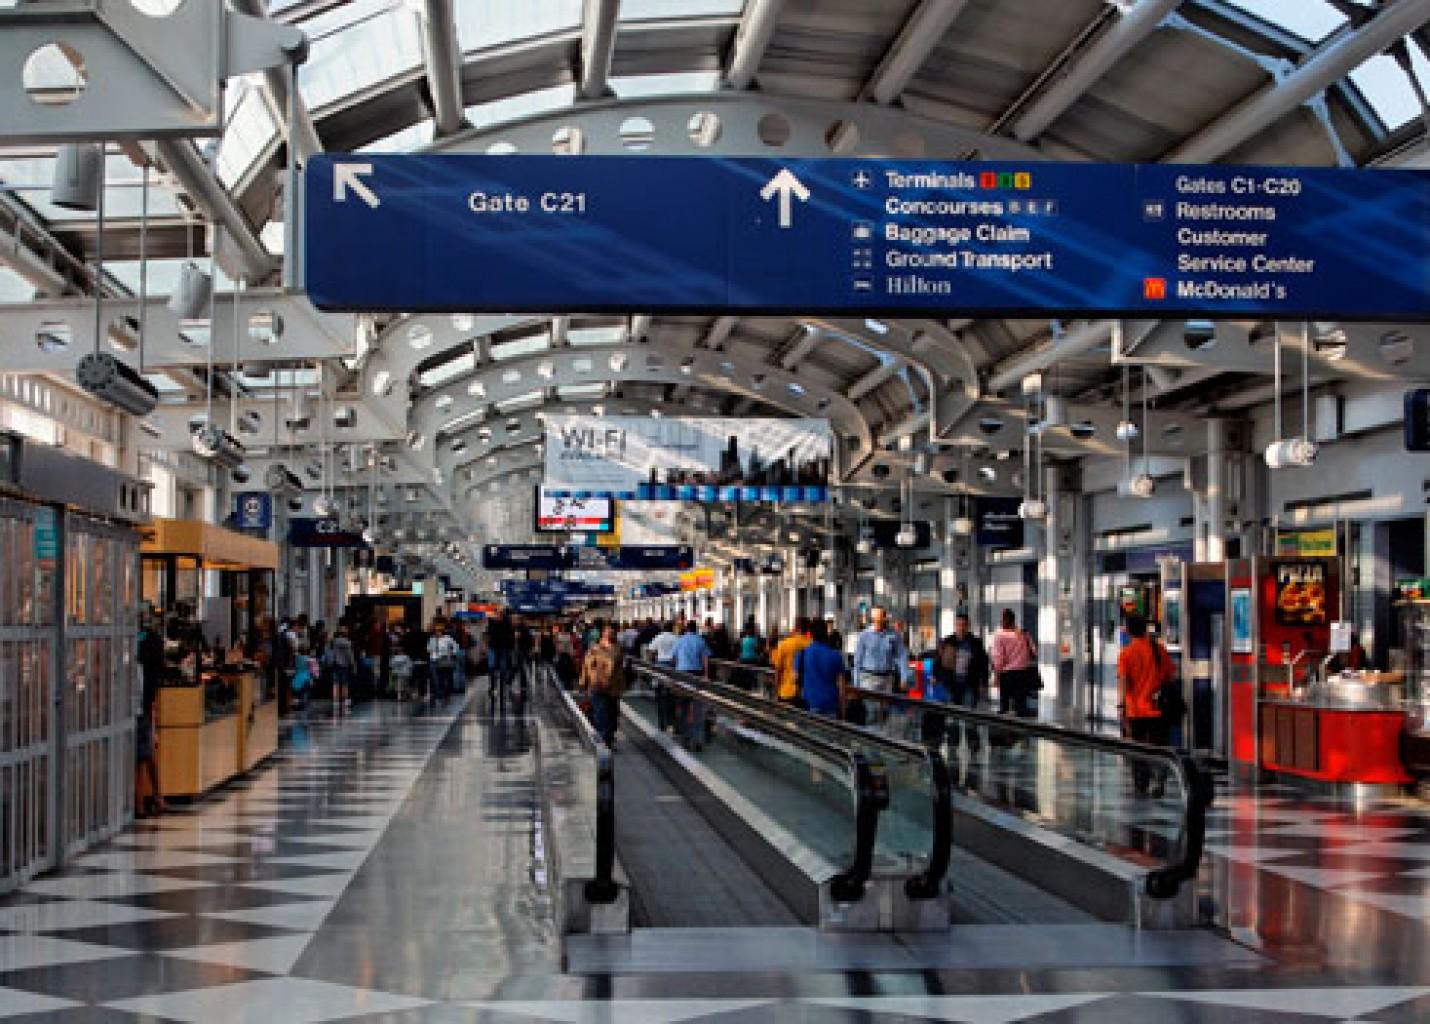 Aeroportos dos EUA receberão US$ 8 bilhões em subsídios para amenizar prejuízos